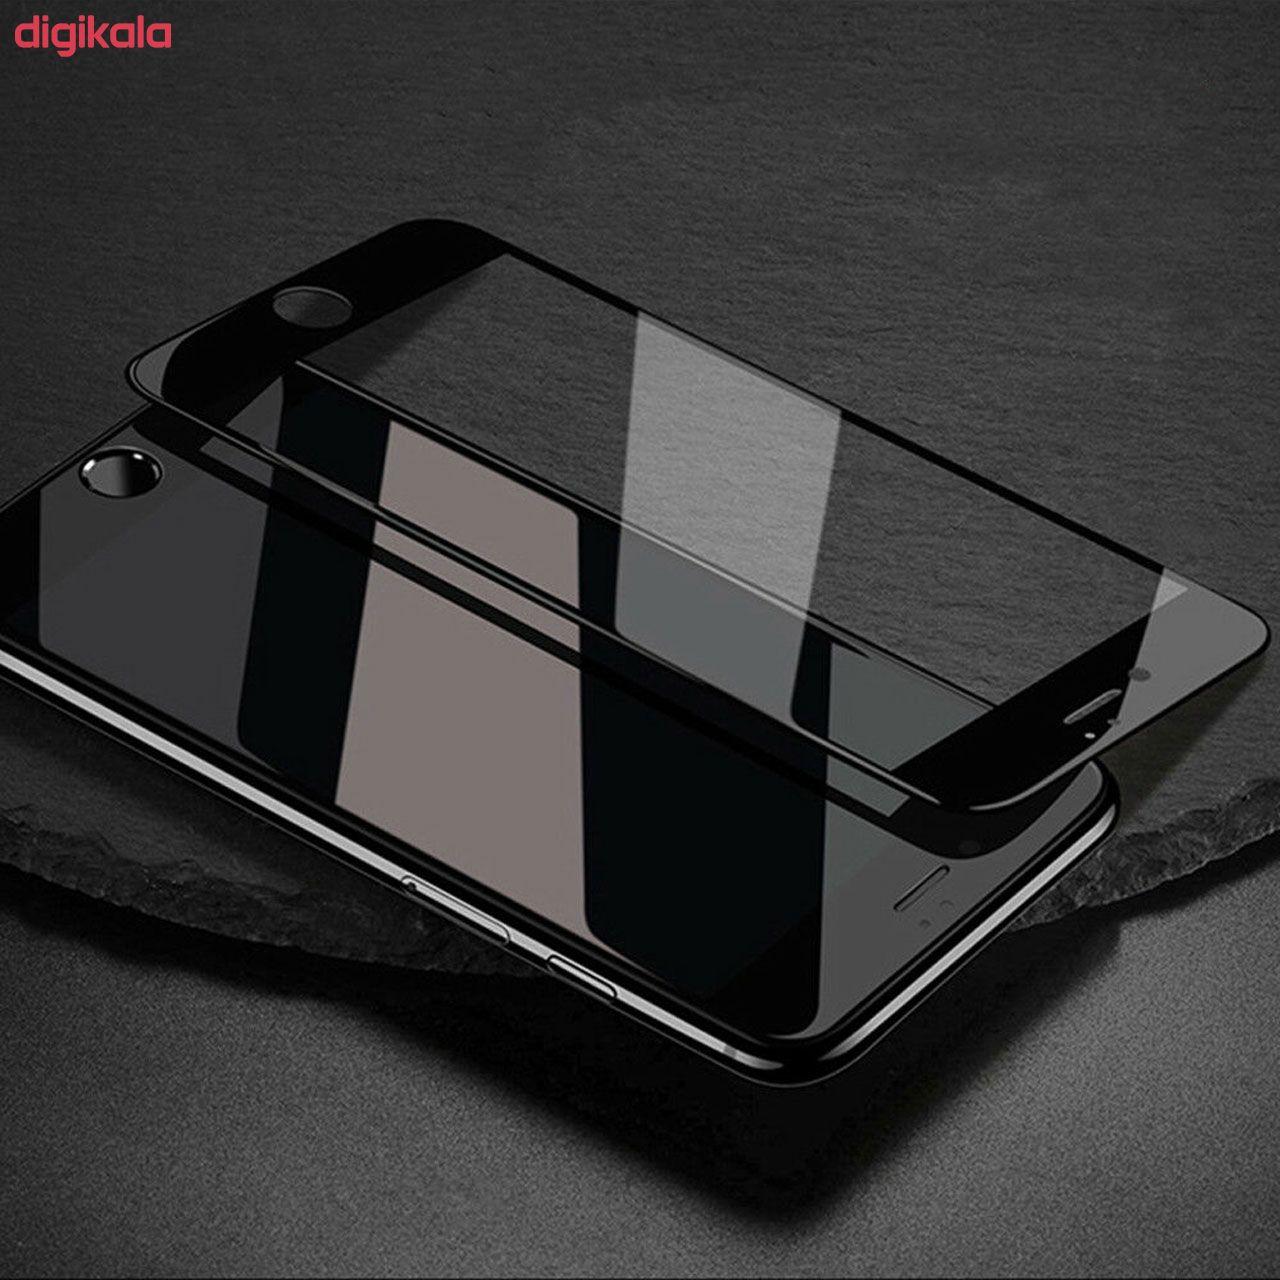 محافظ صفحه نمایش مدل FCG مناسب برای گوشی موبایل اپل iPhone 7 Plus main 1 14